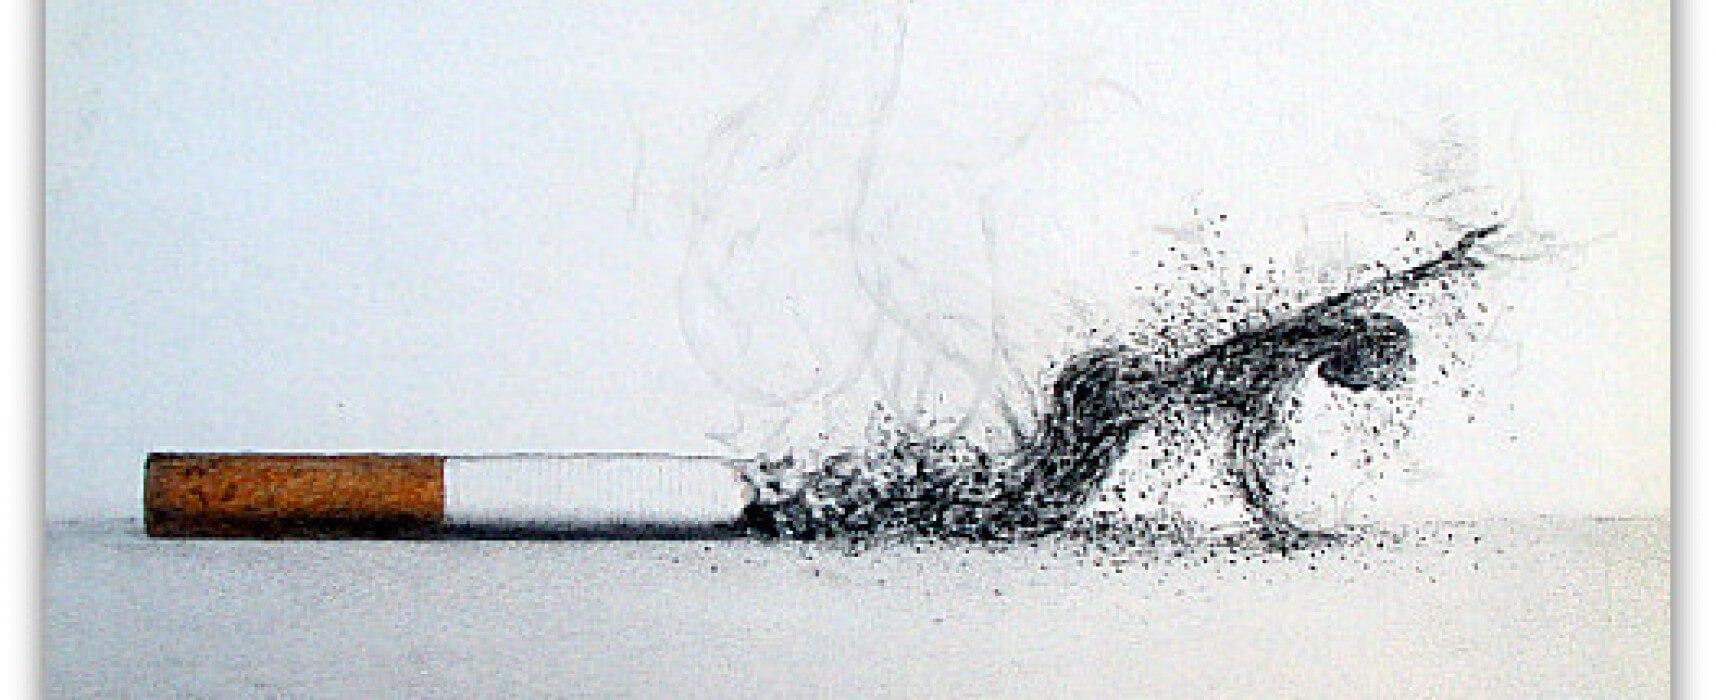 SMOKING KILLS!!